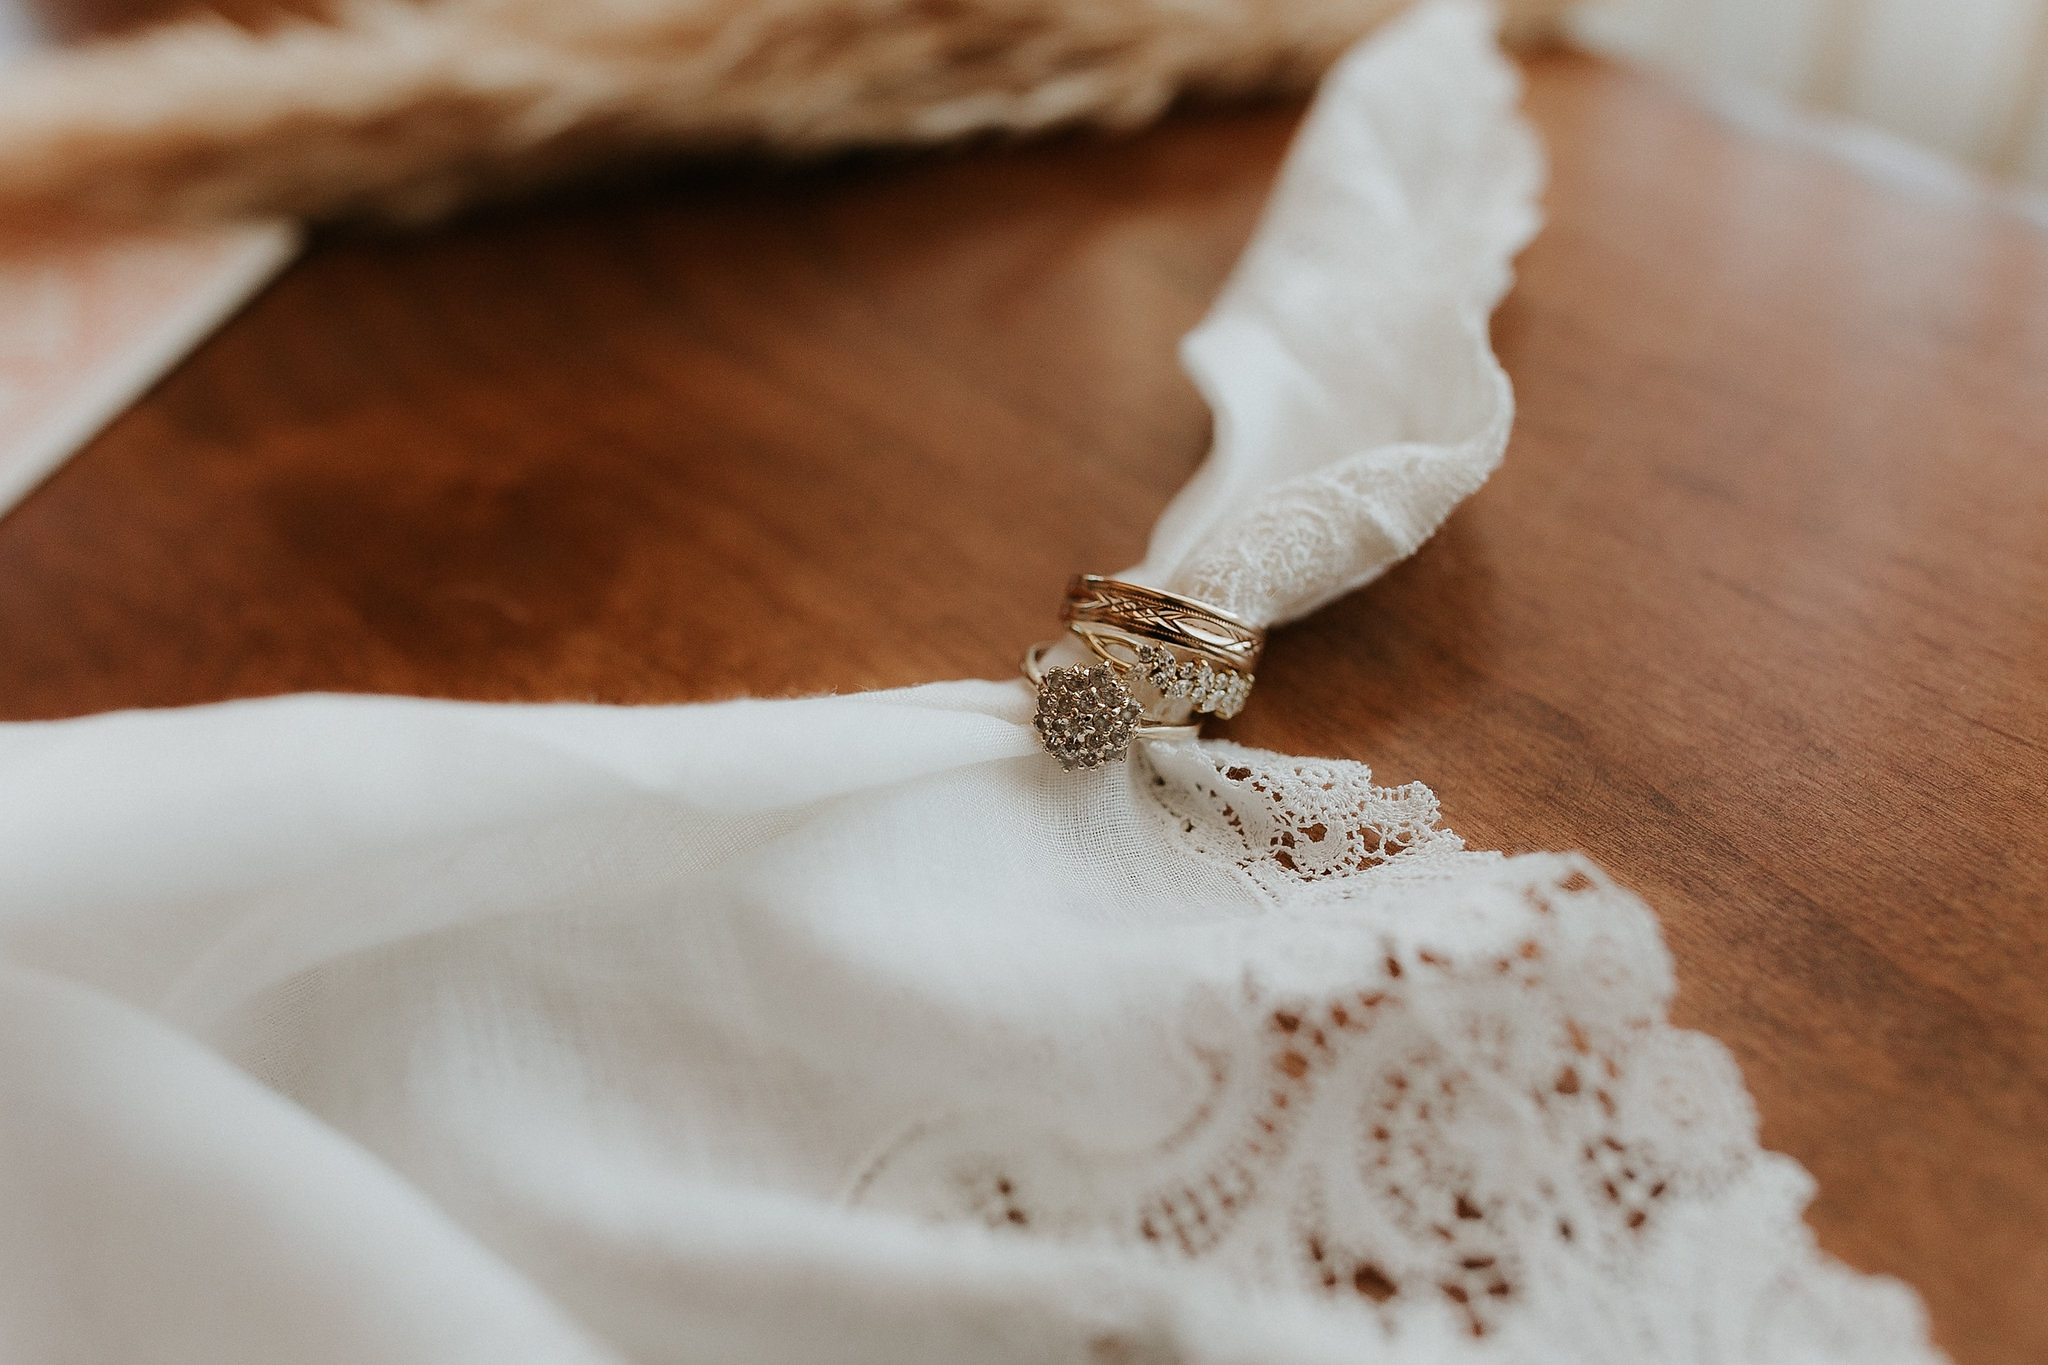 Alicia+lucia+photography+-+albuquerque+wedding+photographer+-+santa+fe+wedding+photography+-+new+mexico+wedding+photographer+-+new+mexico+wedding+-+santa+fe+wedding+-+albuquerque+wedding+-+wedding+rings+-+engagement+rings_0005.jpg